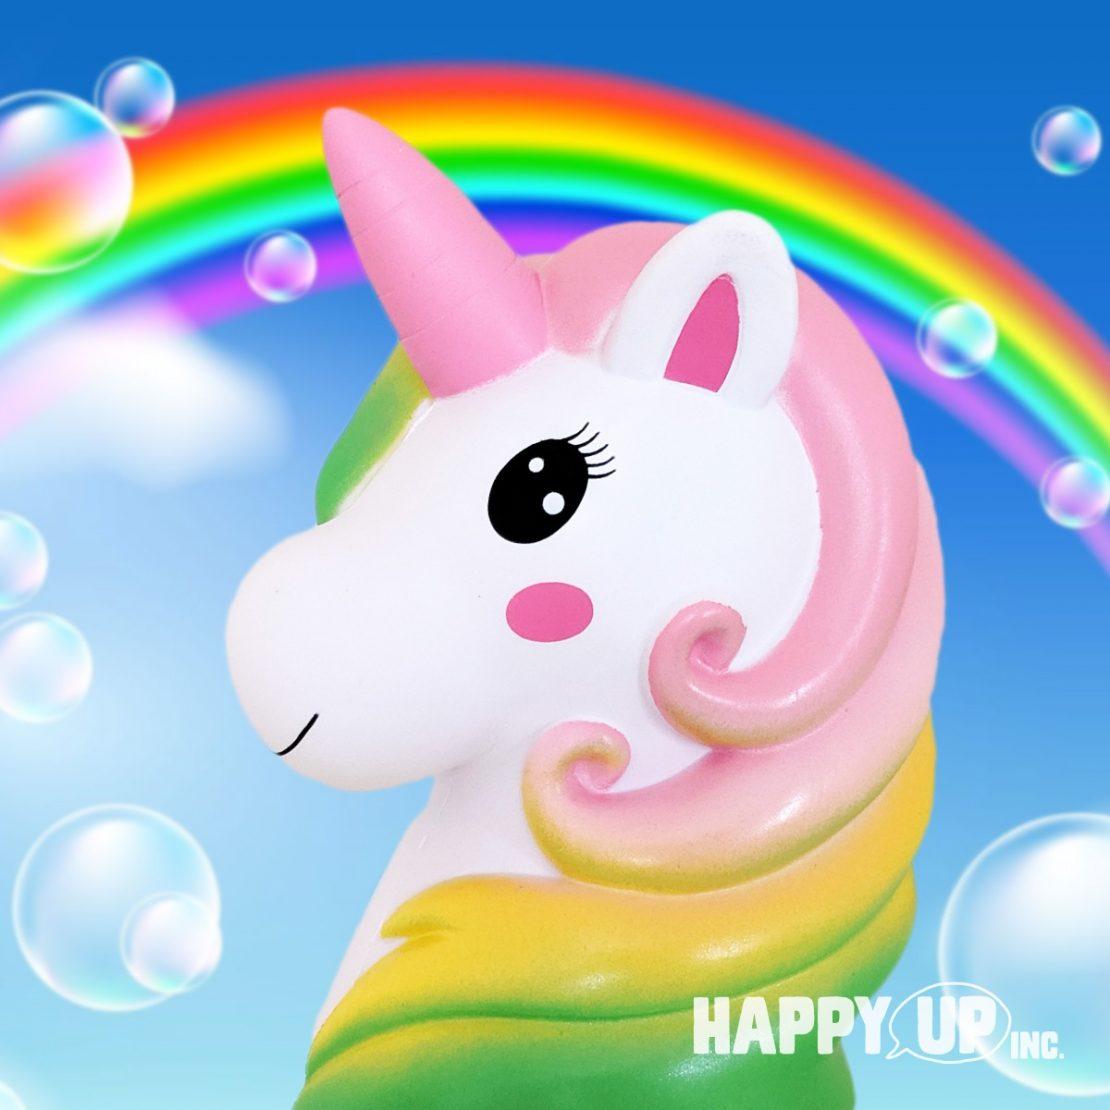 Magical Rainbow Unicorn